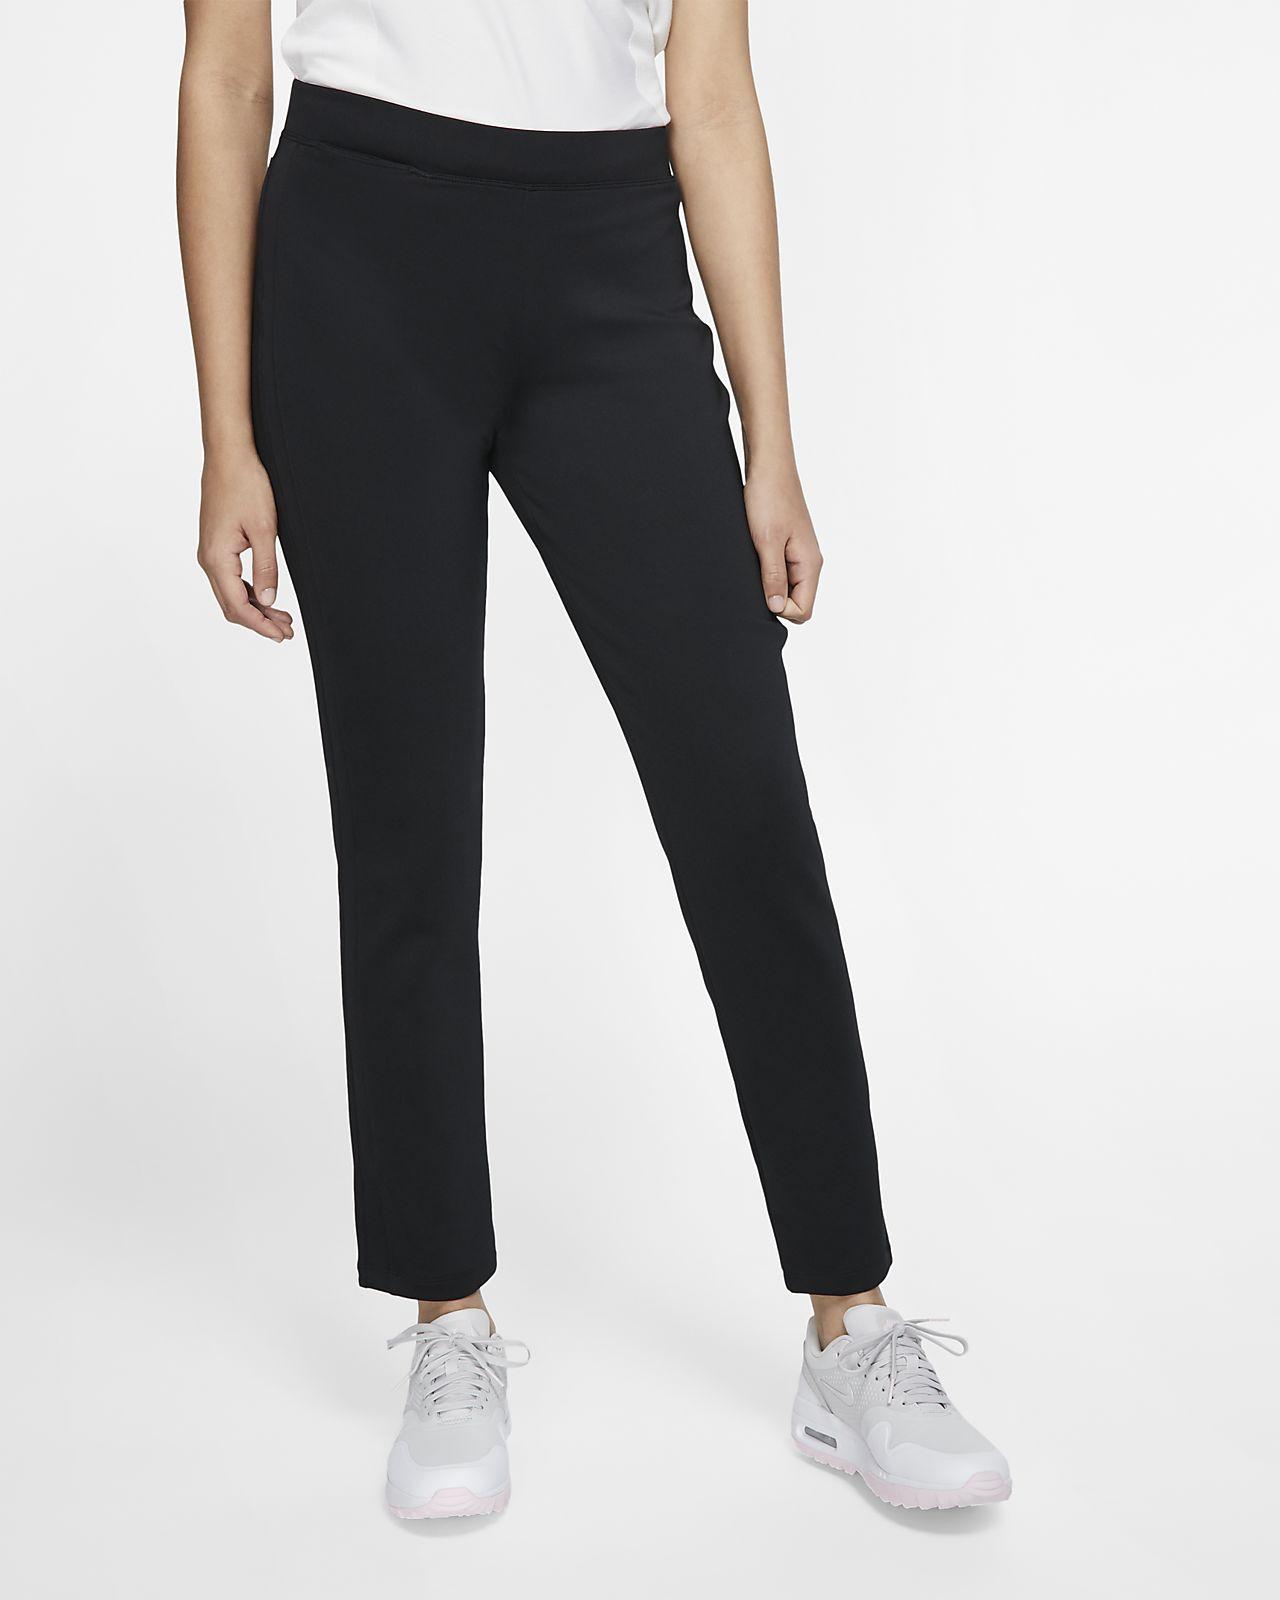 Pantalon de golf Nike Power 70 cm pour Femme